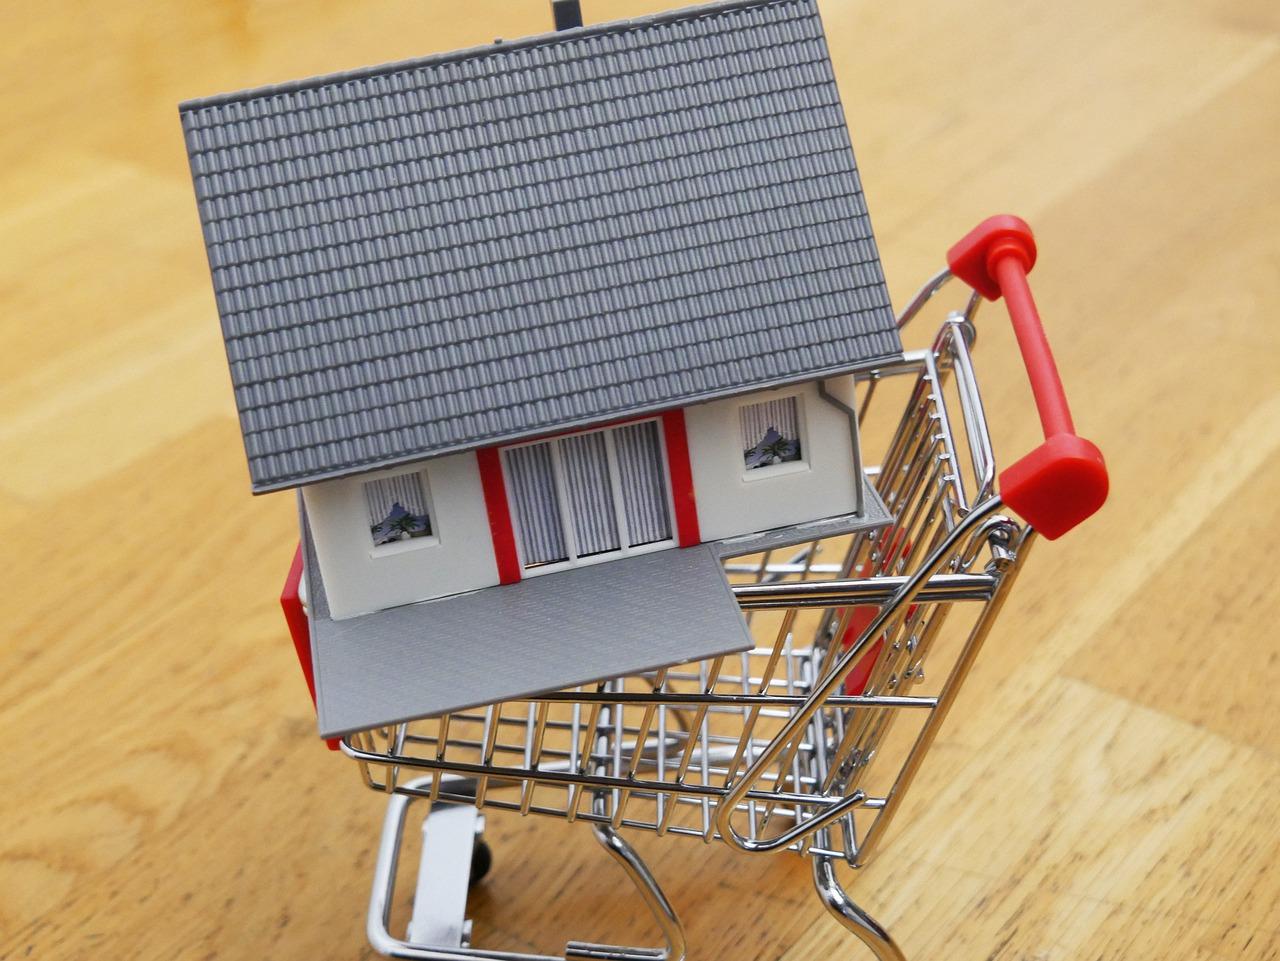 Welche Faktoren fallen bei der Rendite einer Immobilie ins Gewicht?